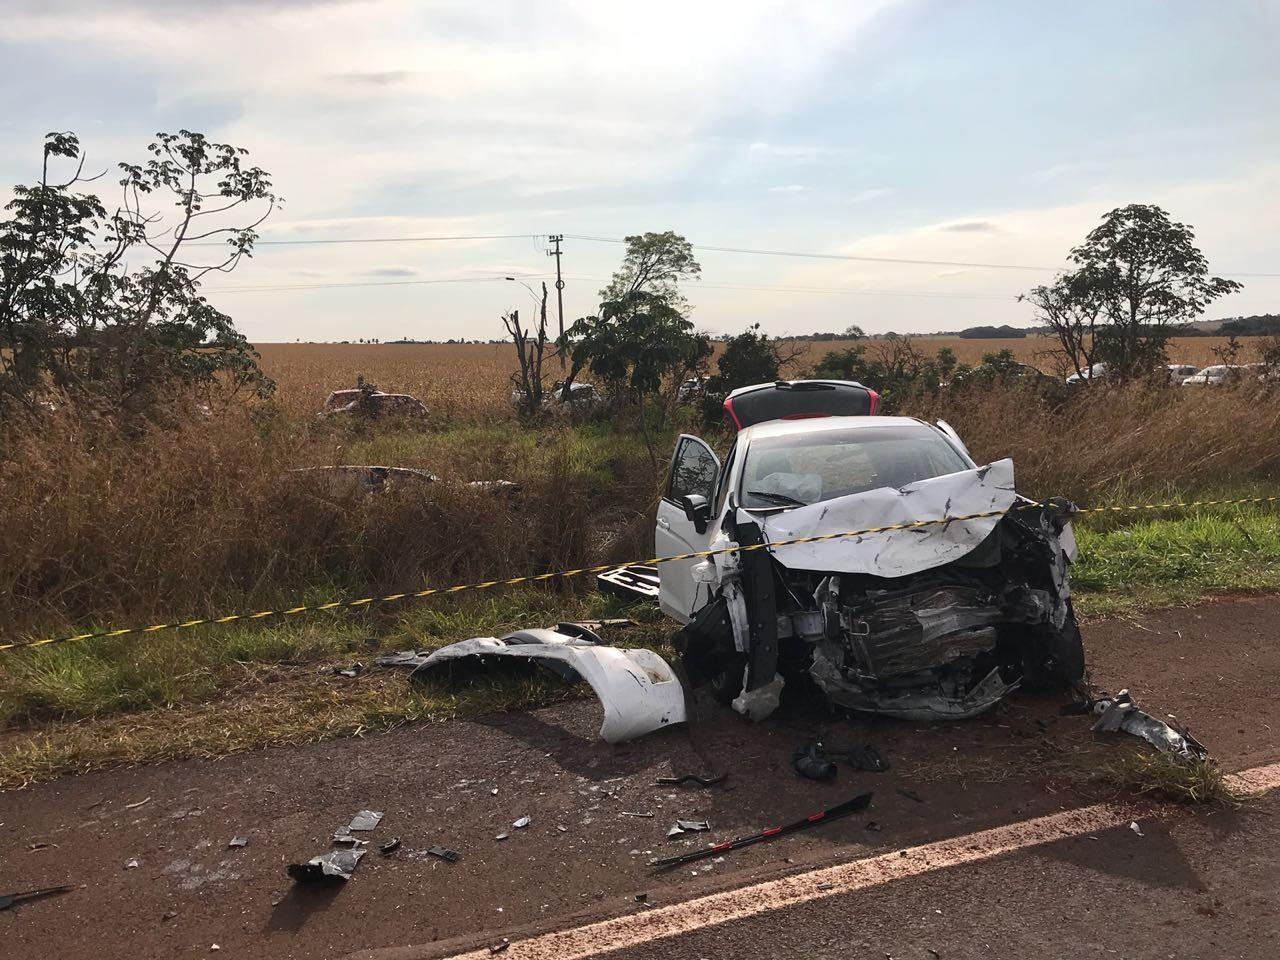 Casal capixaba que morreu na BR-060 passava férias no Mato Grosso do Sul